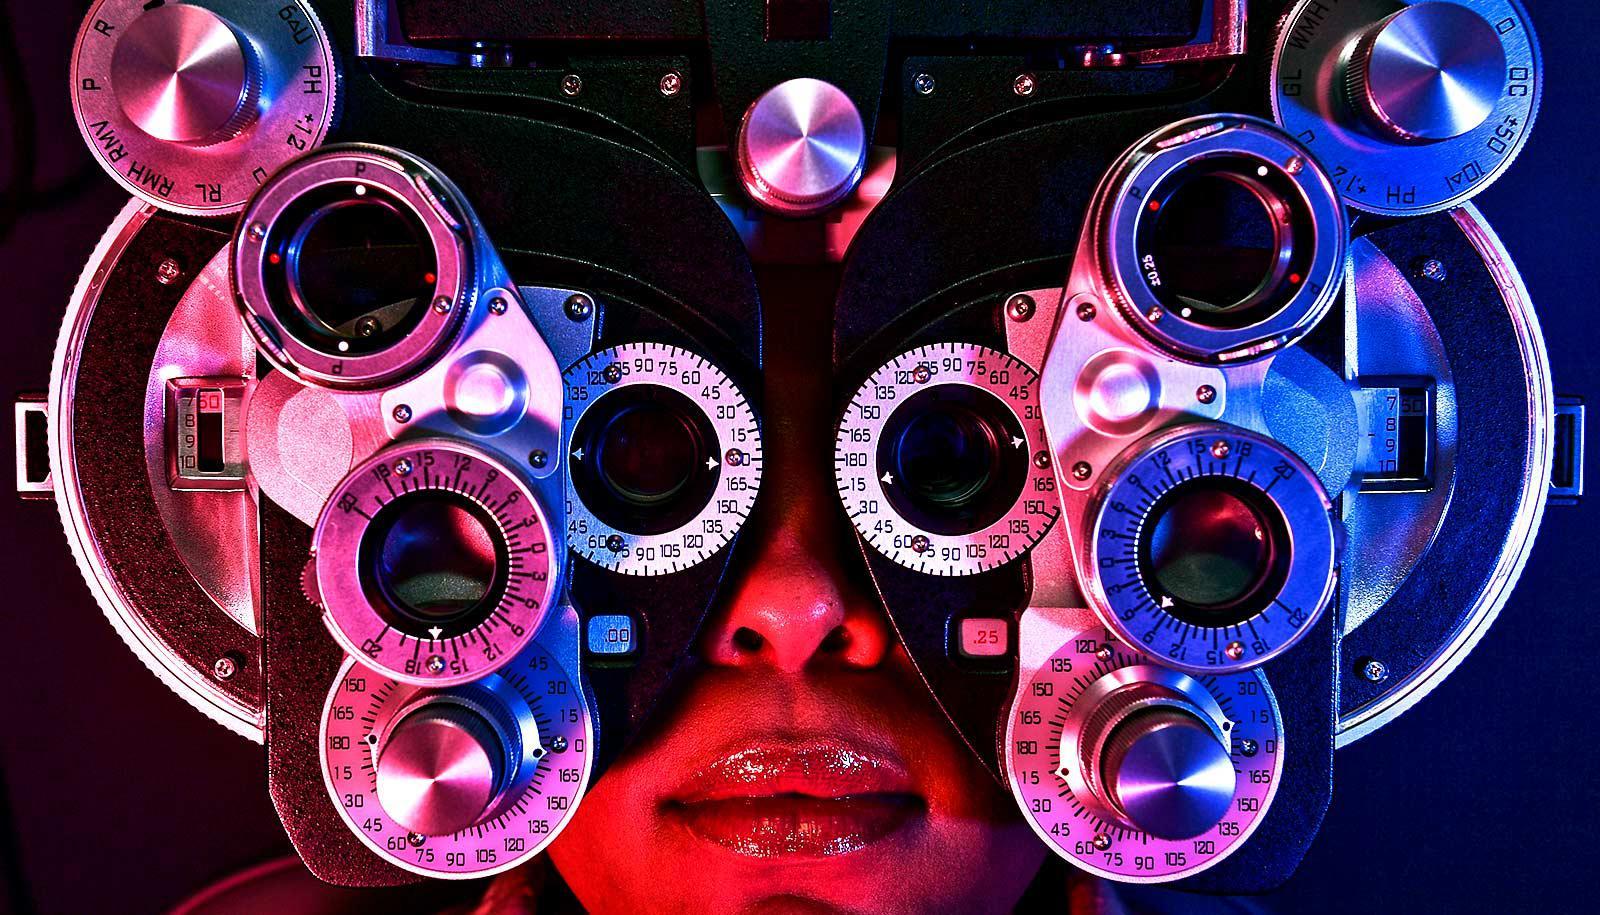 A woman looks through a vision test apparatus